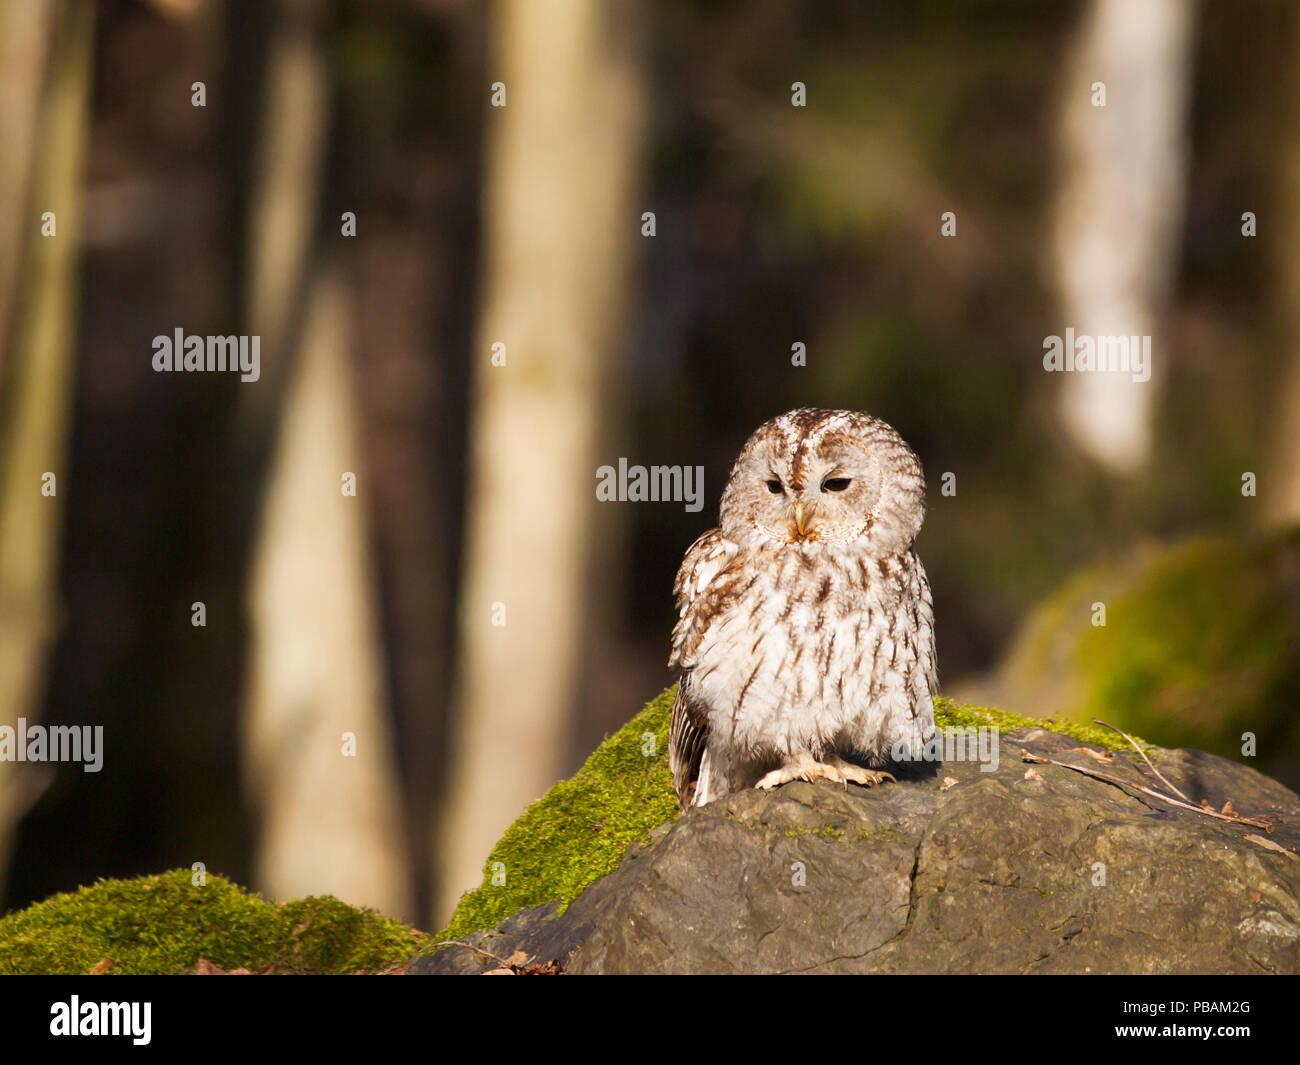 Strix aluco - tawny owl sitting on rock - Stock Image